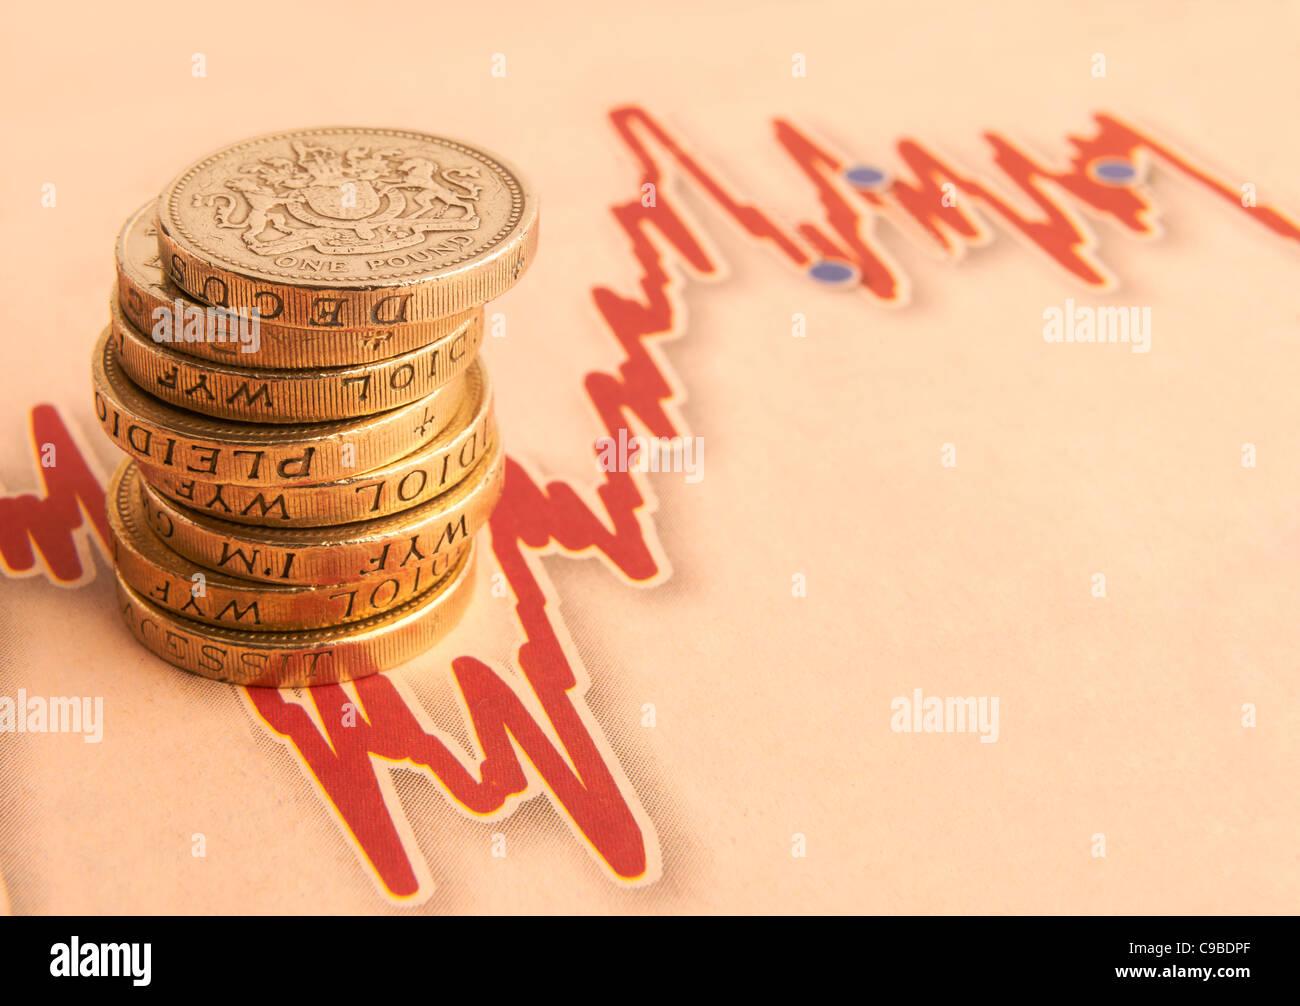 Stapel von 1 Pfund-Münzen auf schwankende Kurve mit Platz für Kopie Stockbild